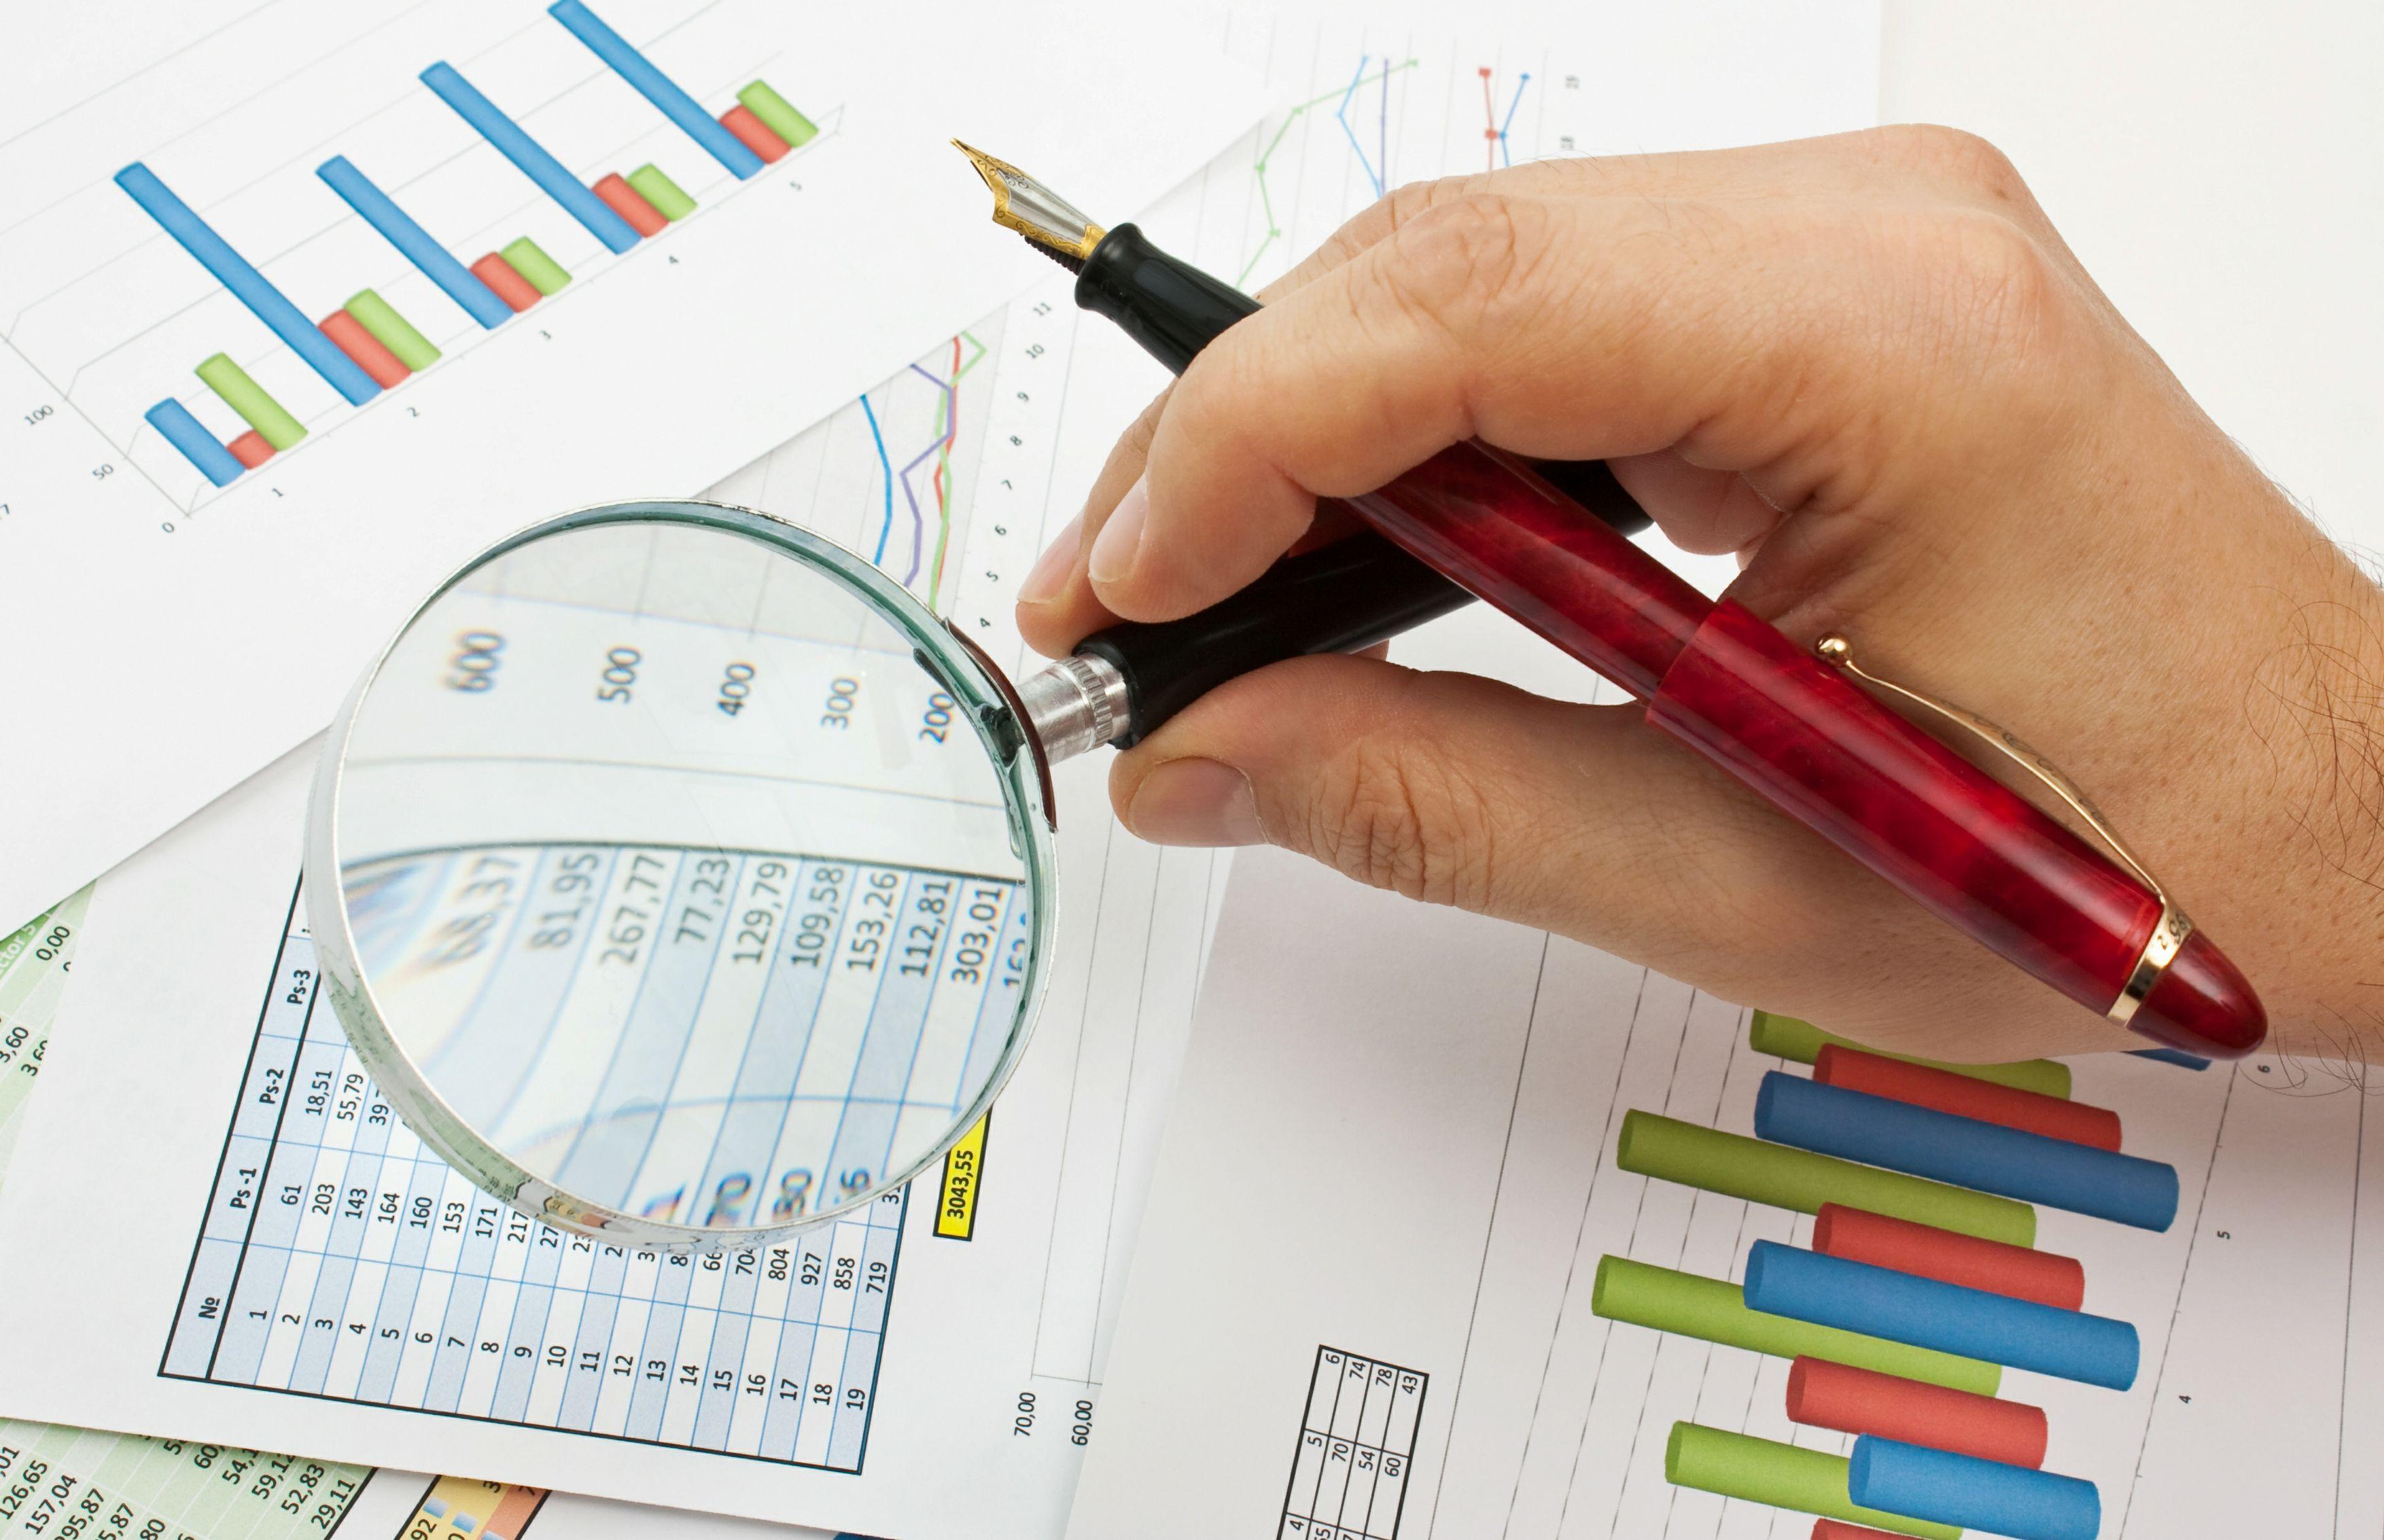 格隆汇港股聚焦(10.8)︱融创中国9月销售额增18%至629亿元  世茂房地产9月合约销售额升57%至321亿元